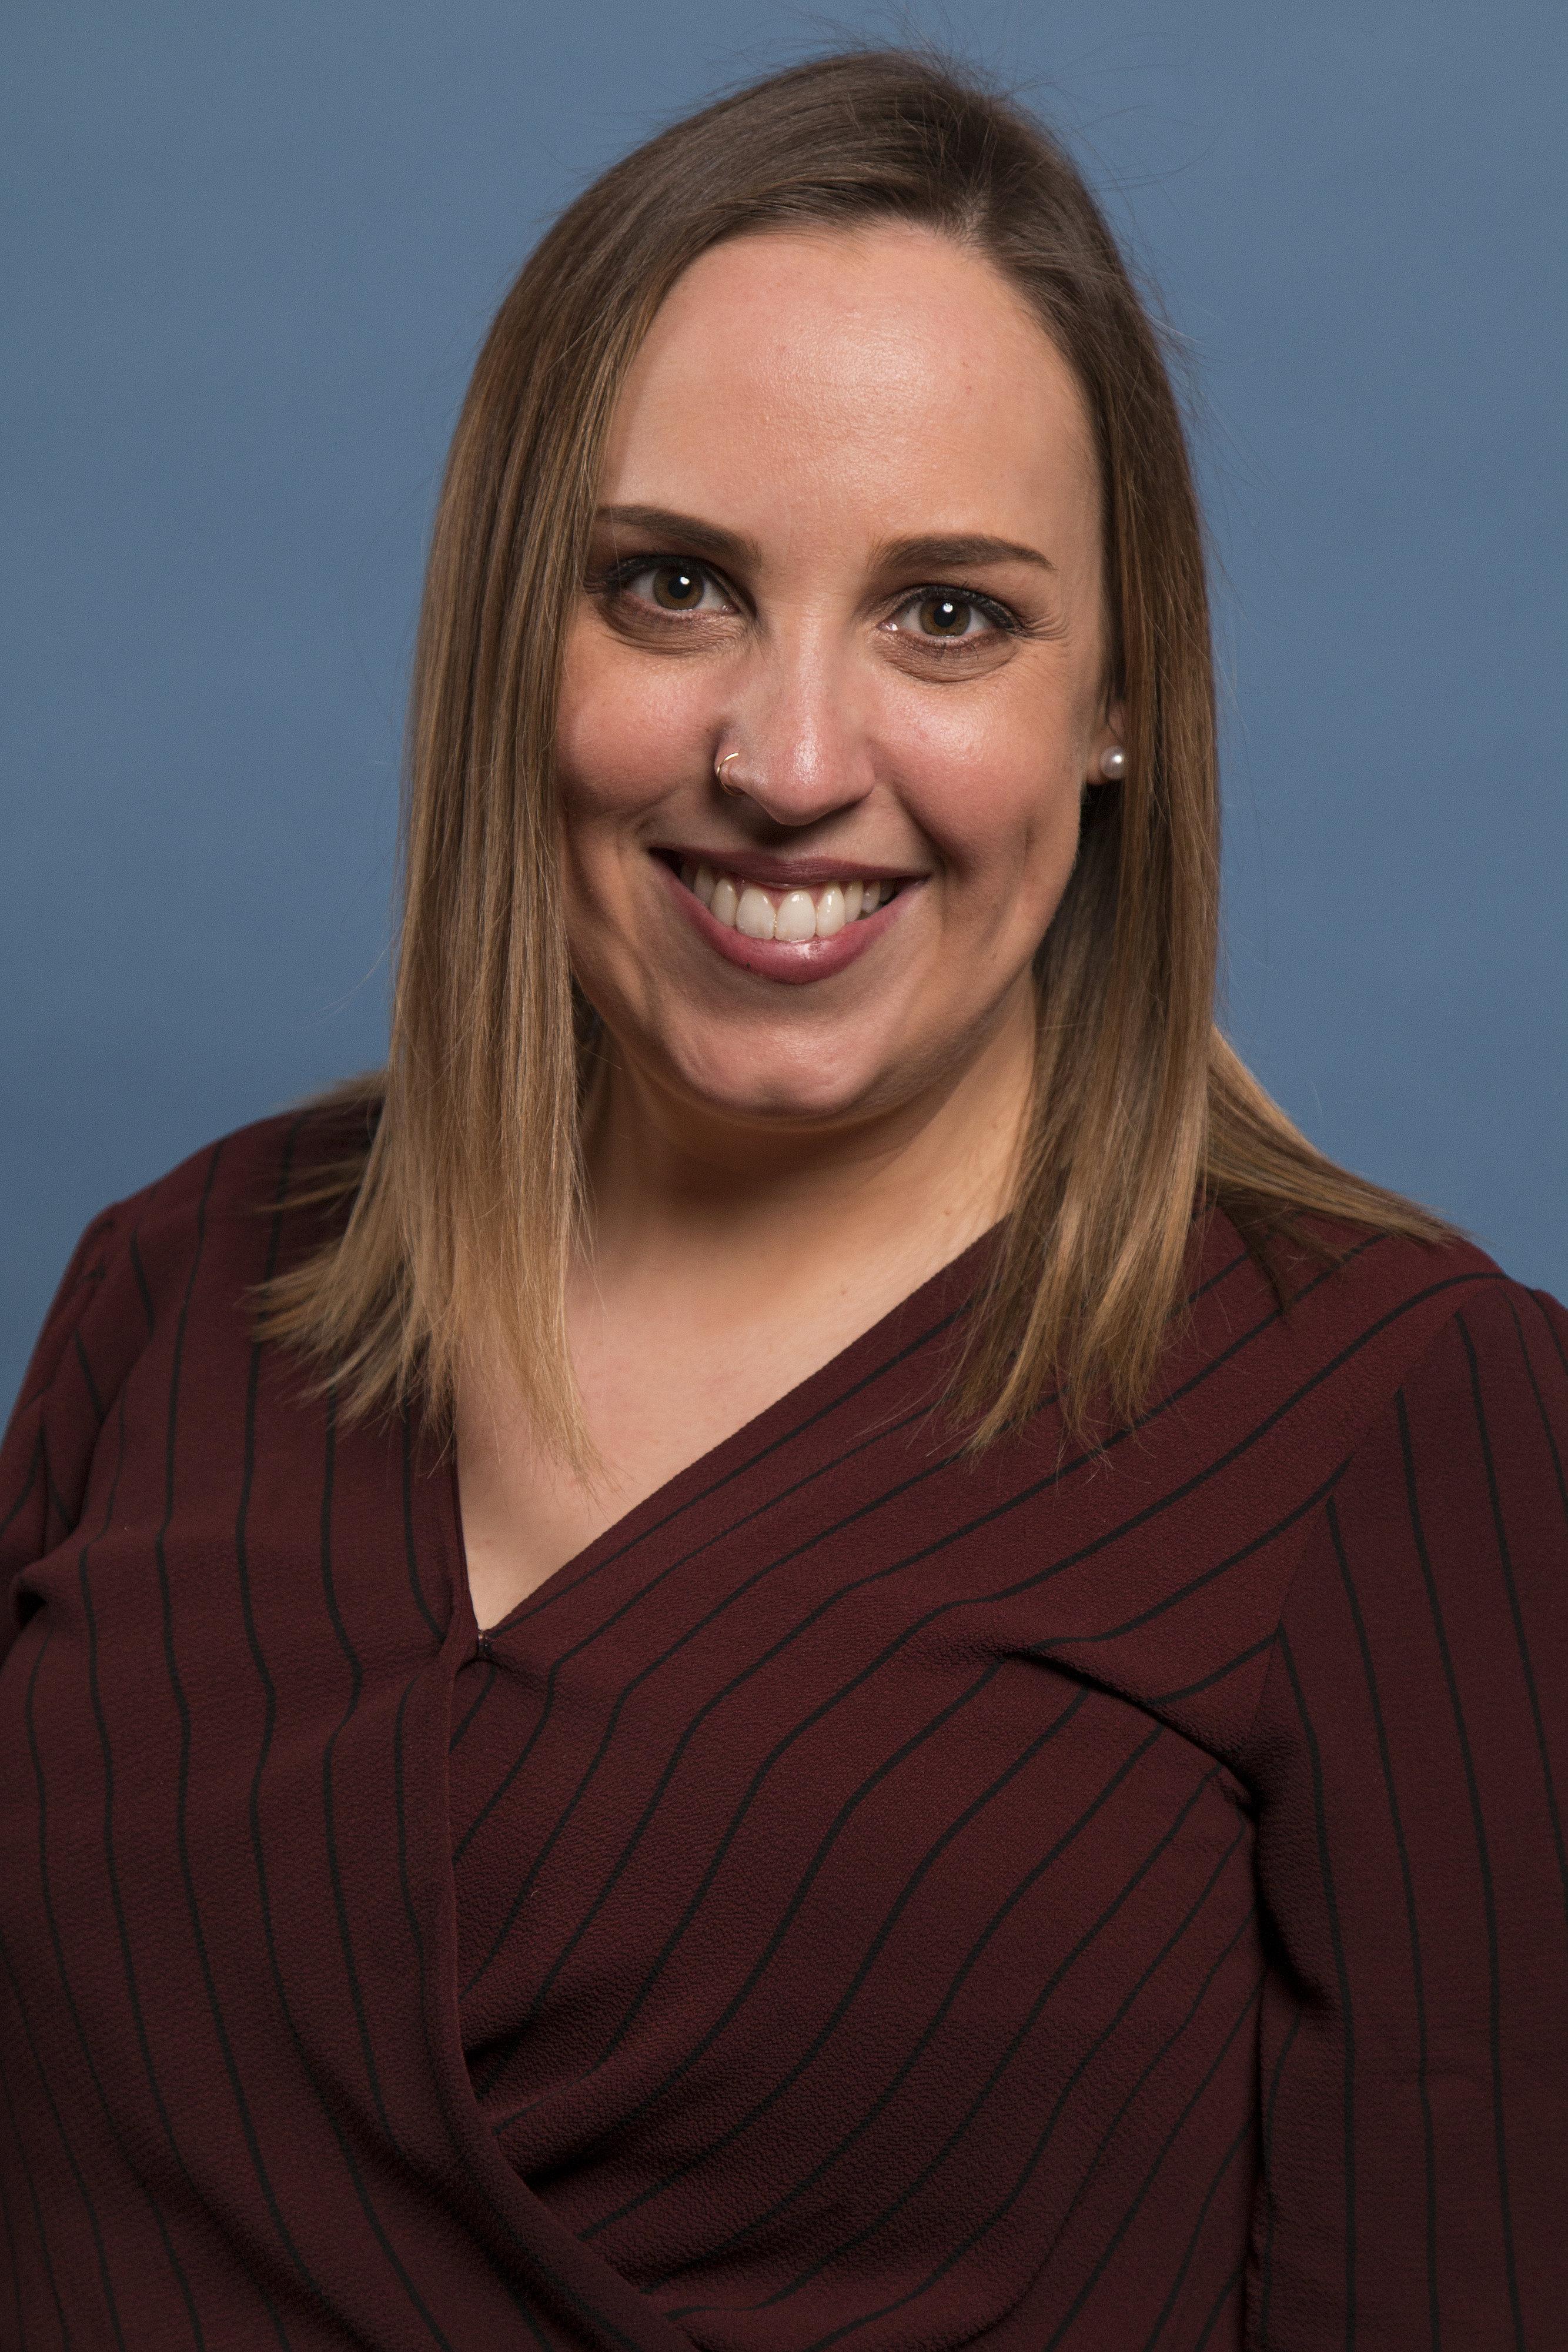 Kelly Jubenville